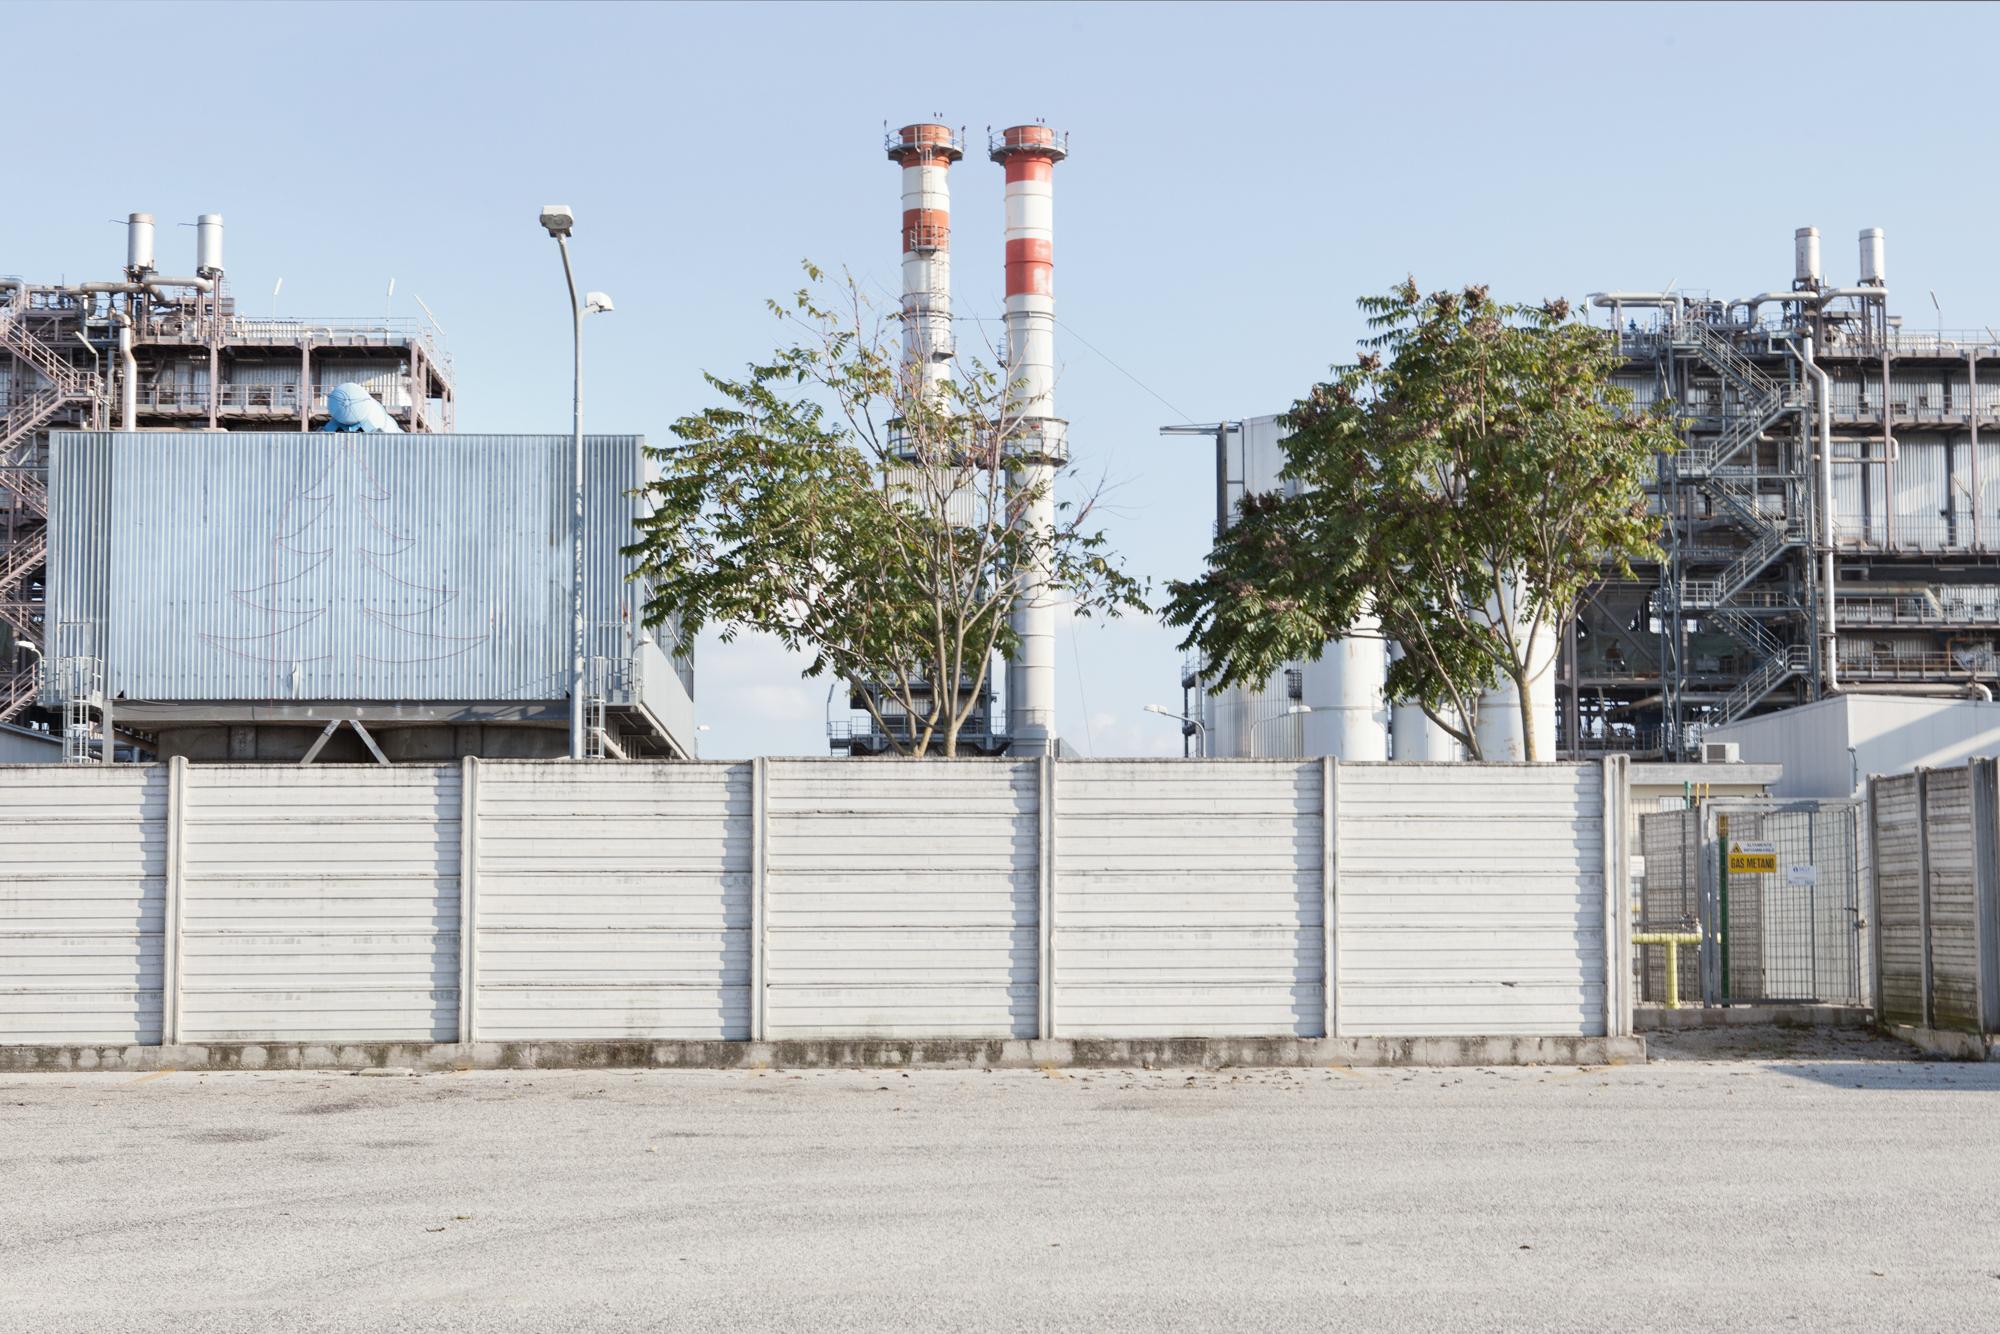 Secondo studi epidemiologici ambientali della regione Lazio (ERAS) con l'avvento dei termovalorizzatori si è riscontrato un aumento delle malattie legate all'apparato respiratorio.Colleferro, novembre 2013